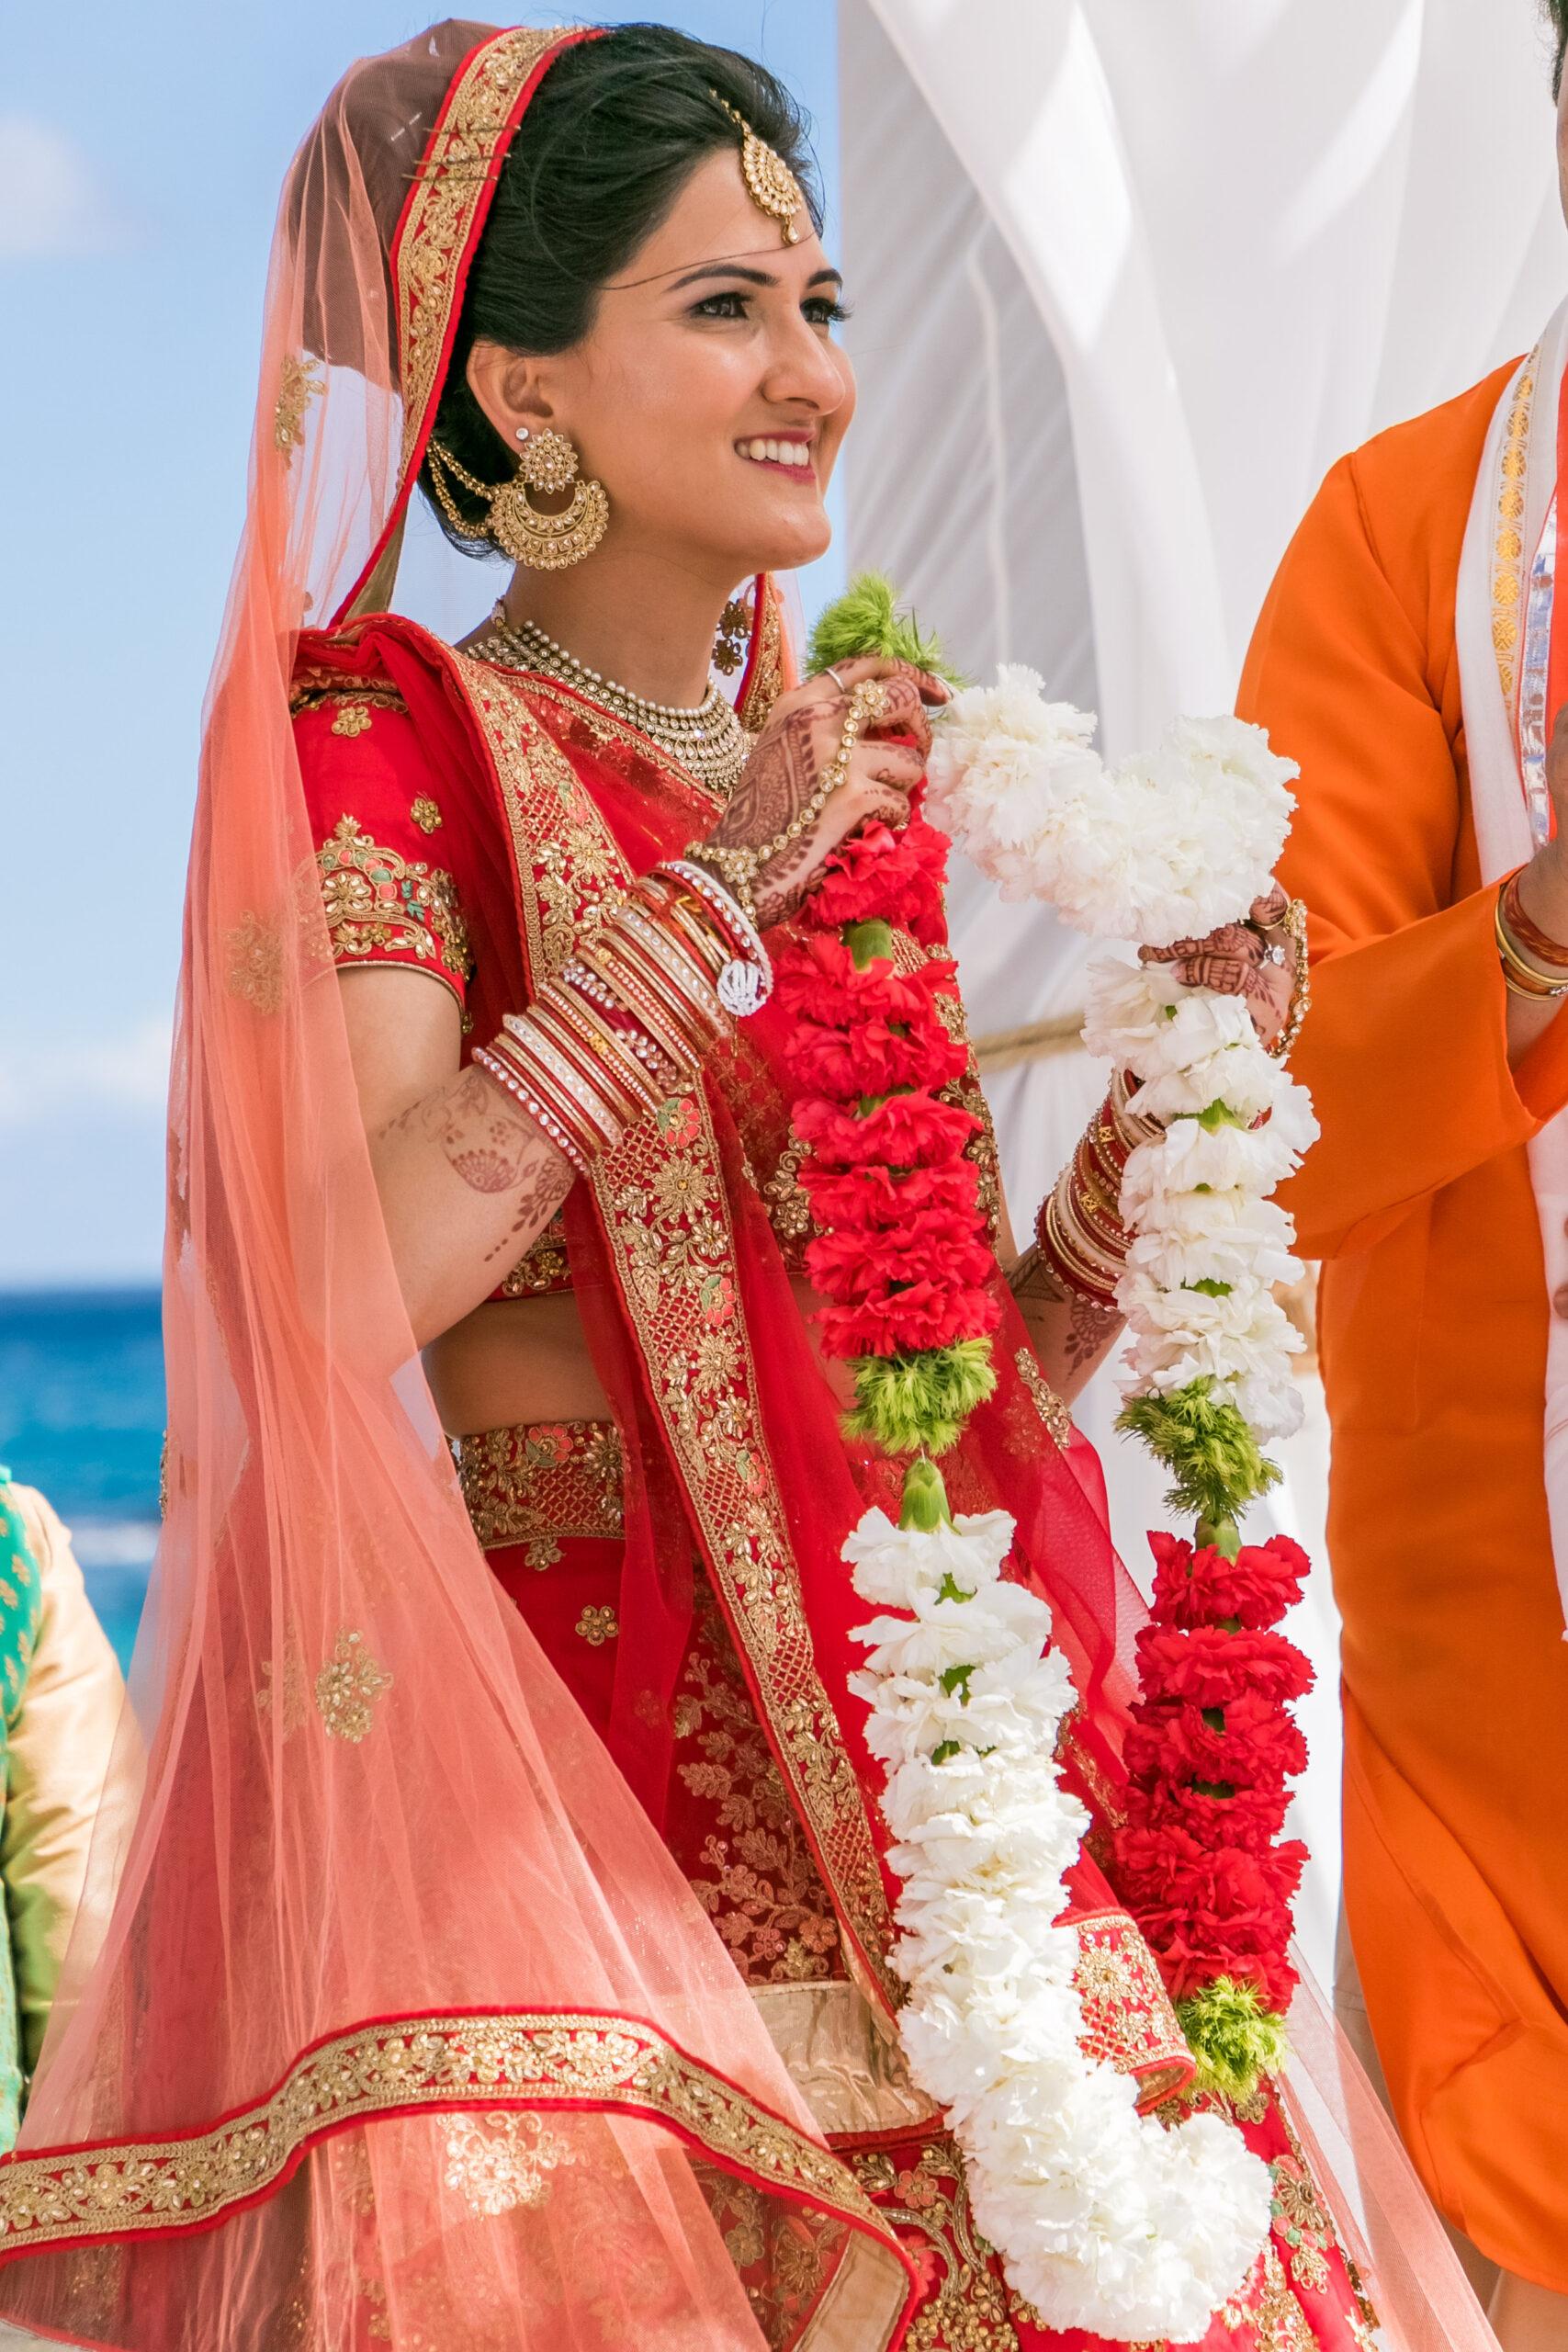 Hindu Wedding beach destination Mexico Los Cabos